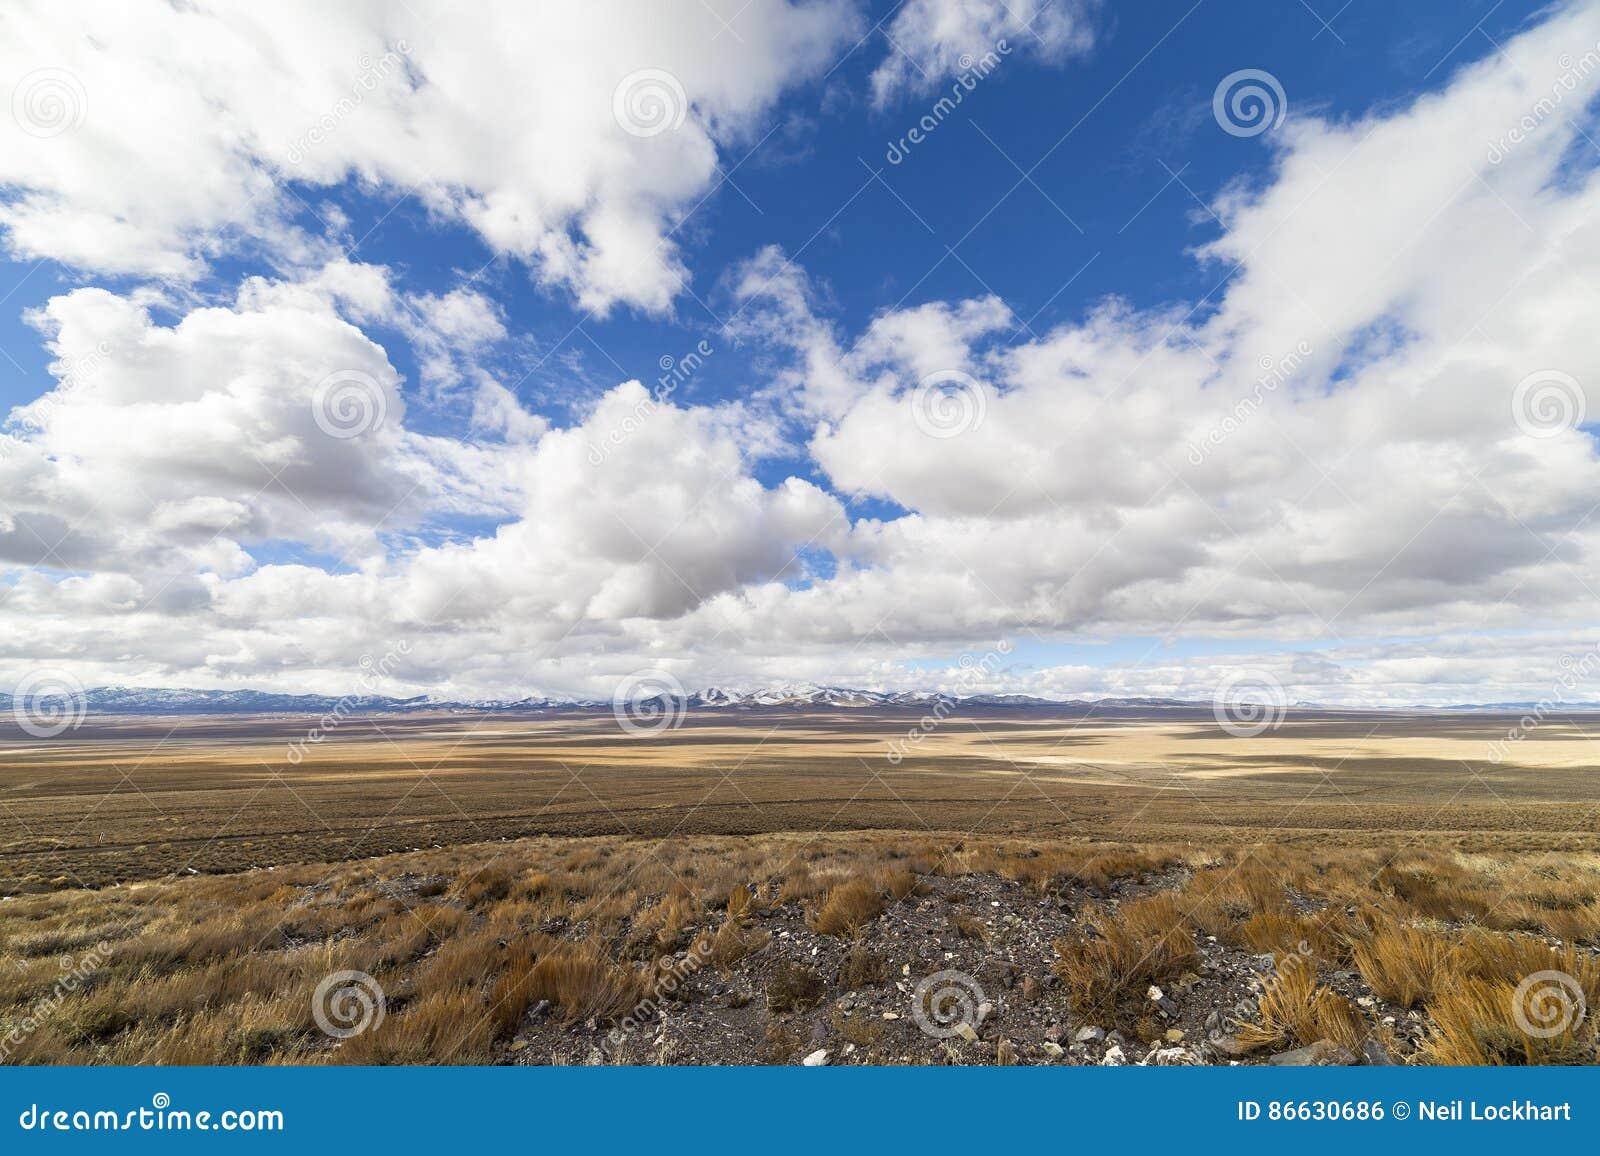 Abra largamente a paisagem vazia do deserto em Nevada durante o inverno com céus azuis e nuvens